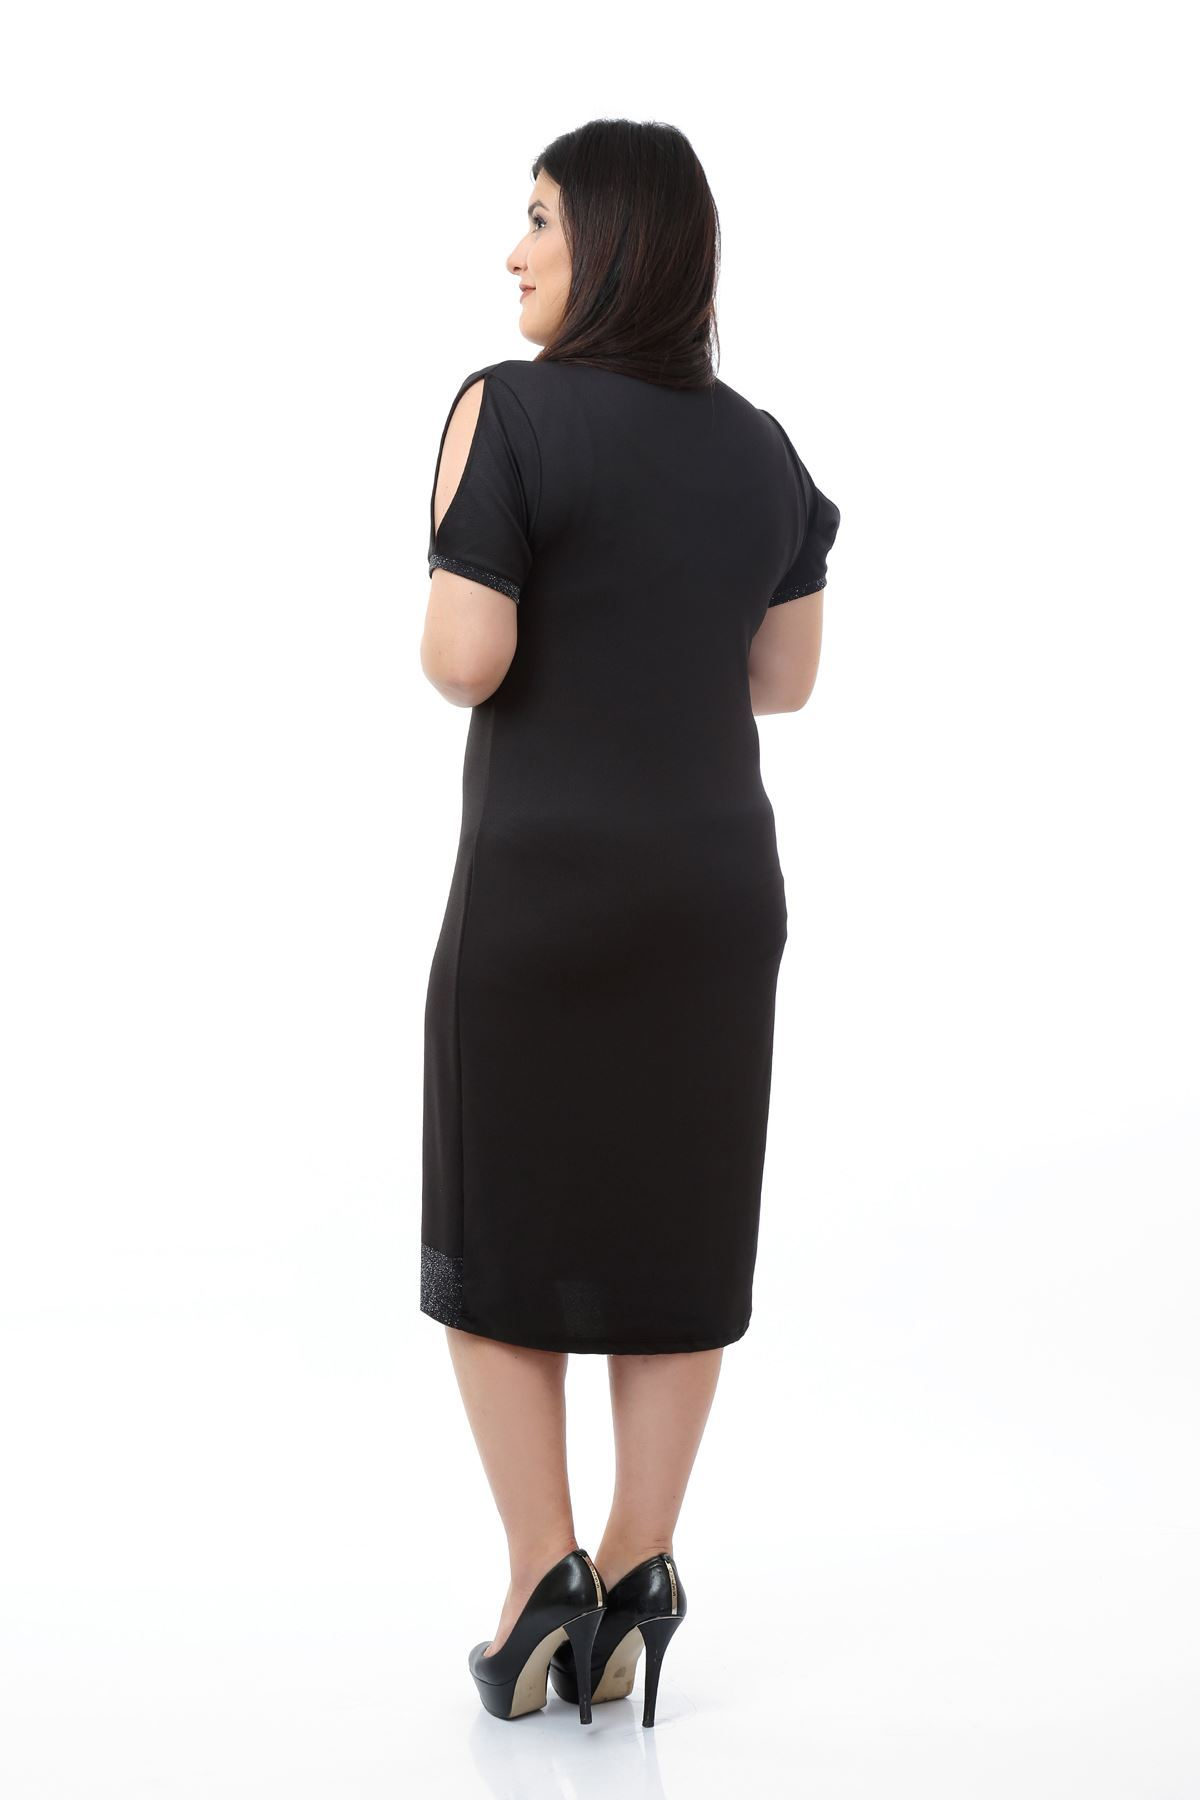 Simli Garnili Büyük Beden Elbise 10D-0680